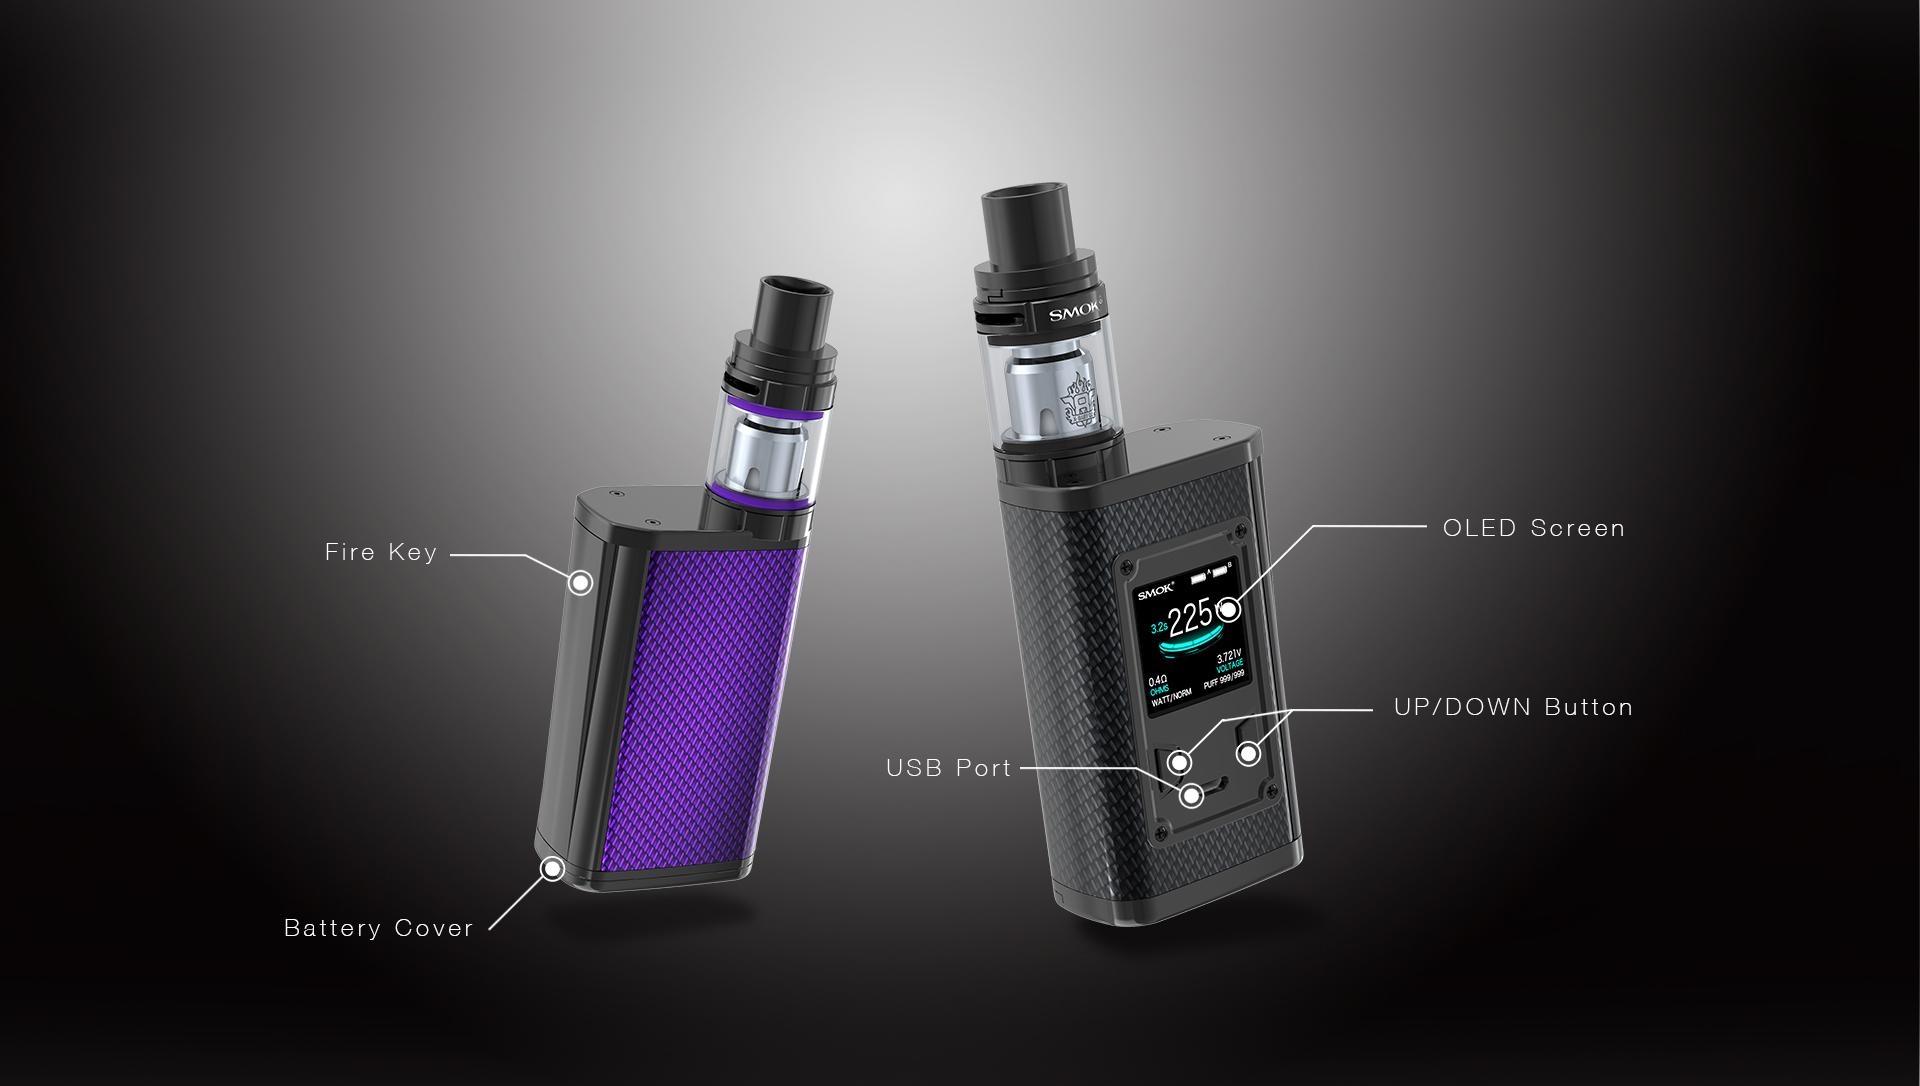 Smok Majesty e-sigarett sett informasjon